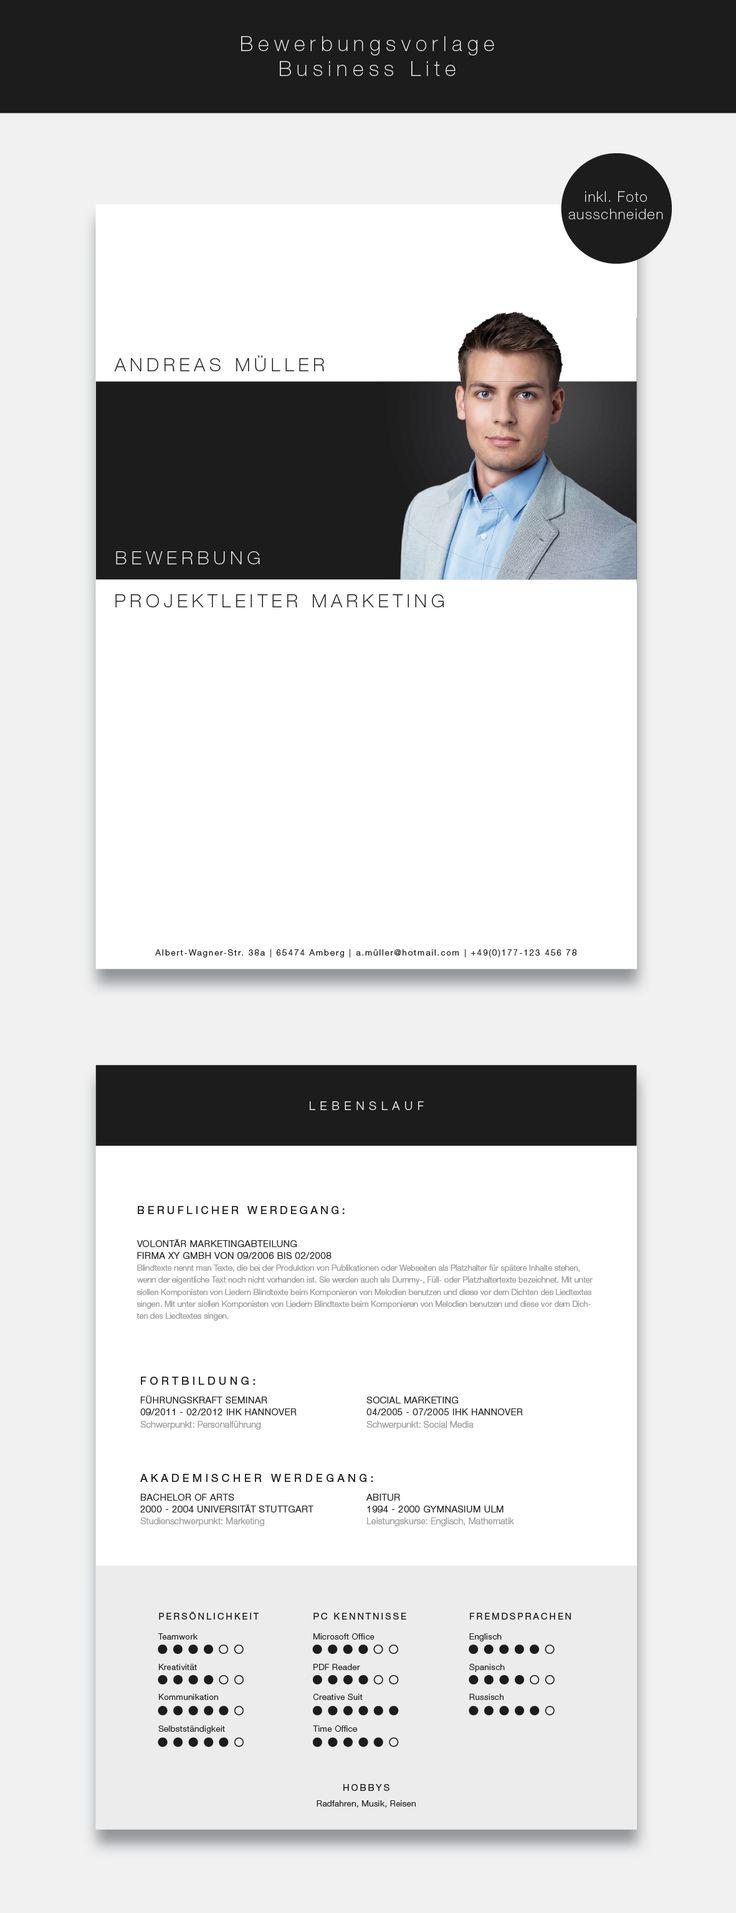 """Ab jetzt neu in unserem Shop. Dir Bewerbungsvorlage (cv template) """"Business Lite"""" in der Farbe Phantom Black. Mit der stilsicheren Vorlage """"Business Lite"""" heben sie sich von allen anderen ab und zeigen, dass kein Weg an Ihnen vorbeiführt. Sie erhalten von uns ein Deckblatt, Anschreiben, Lebenslauf, Motivationsschreiben und eine Abschlussseite. Die Datei bekommen Sie als fertige Pages- oder Word-Datei inklusive Platzhaltertext mit Hinweisen. #grafikdesign"""